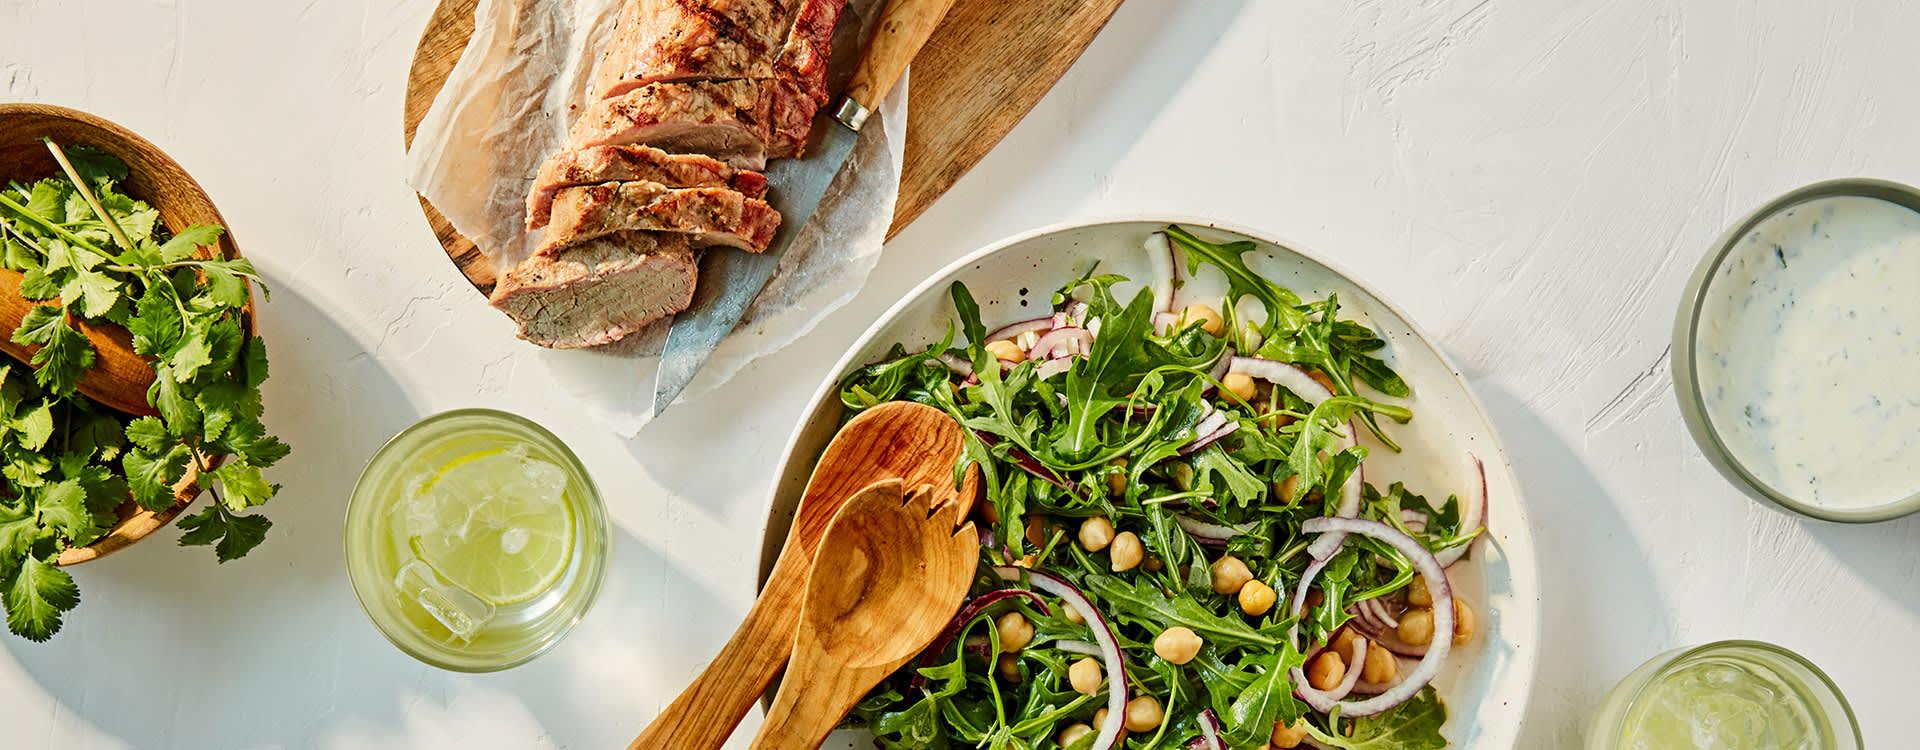 Koriander gir en eksotisk smak, og gir middagssalaten ekstra sommervibber!